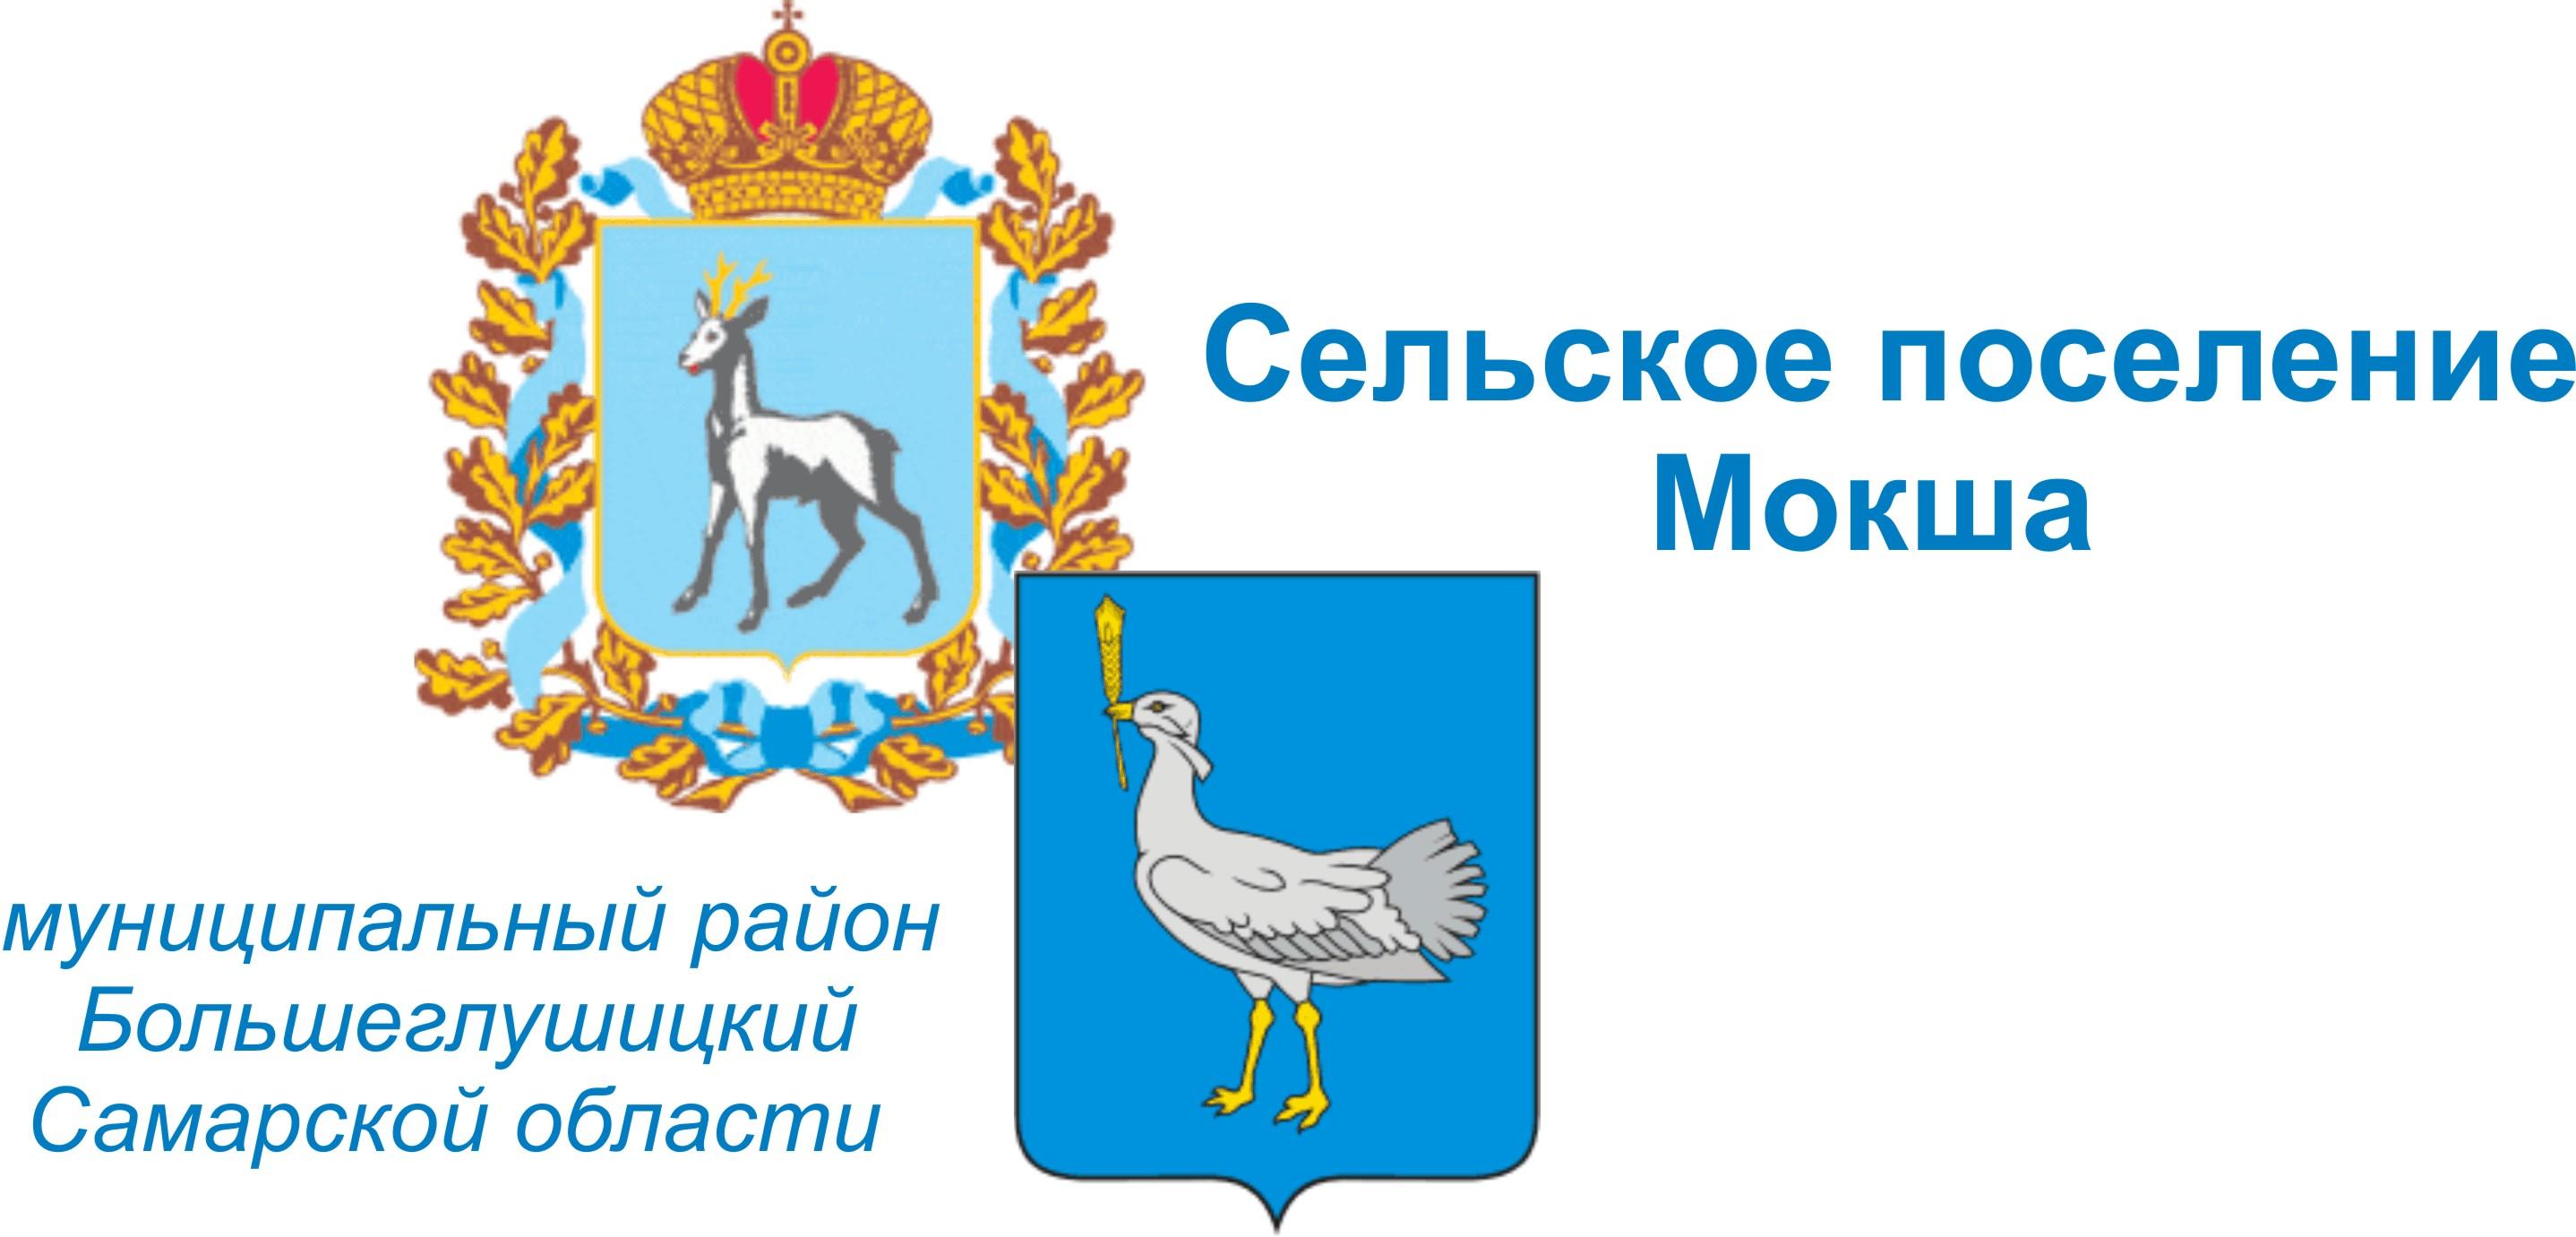 Сельское поселение Мокша муниципального района Большеглушицкий Самарской области